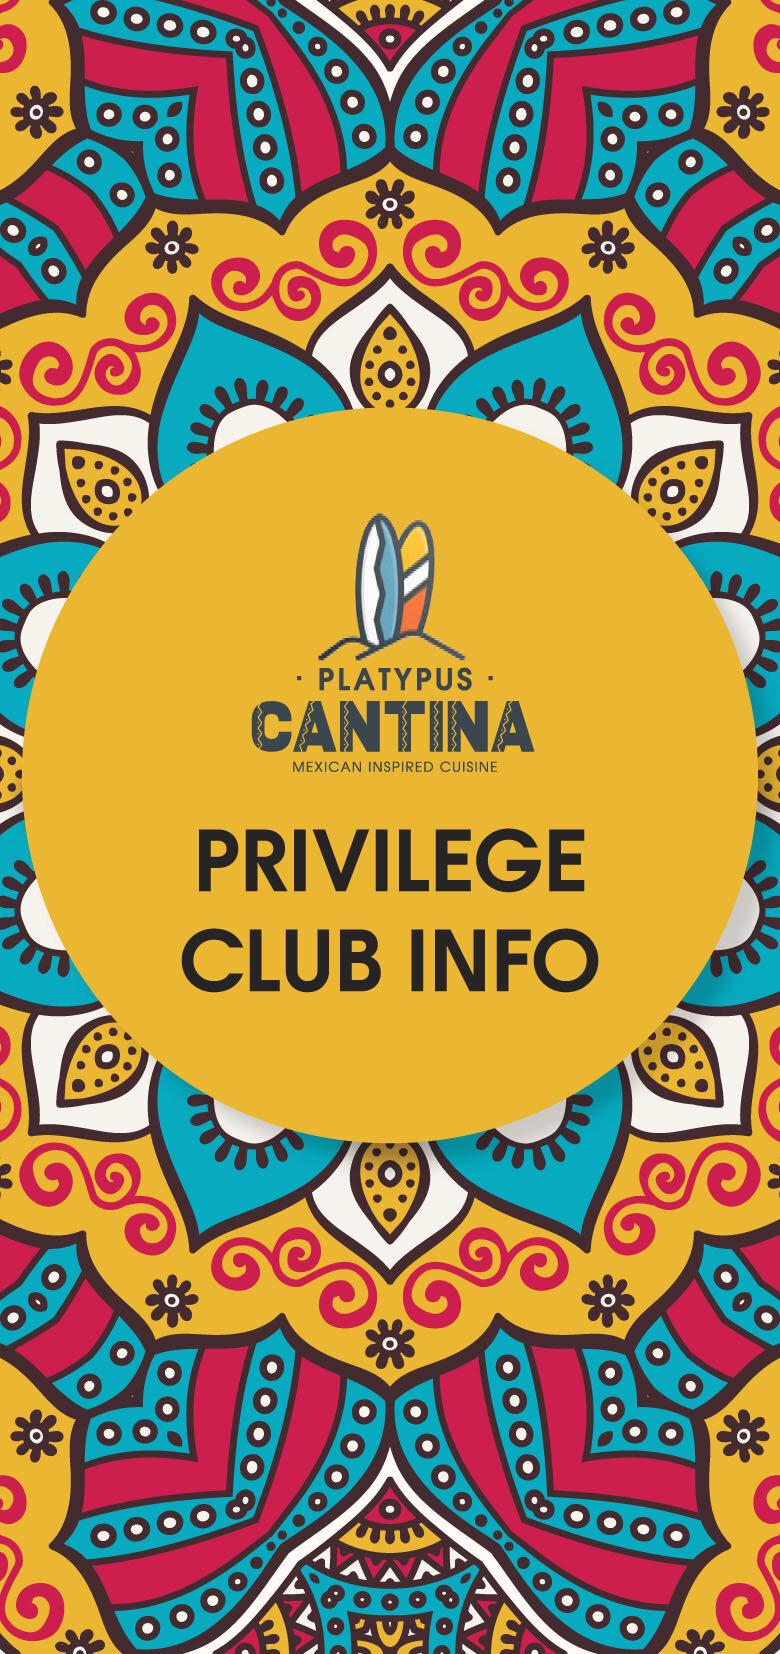 CANTINA PRIVILEGE CLUB INFO.jpg